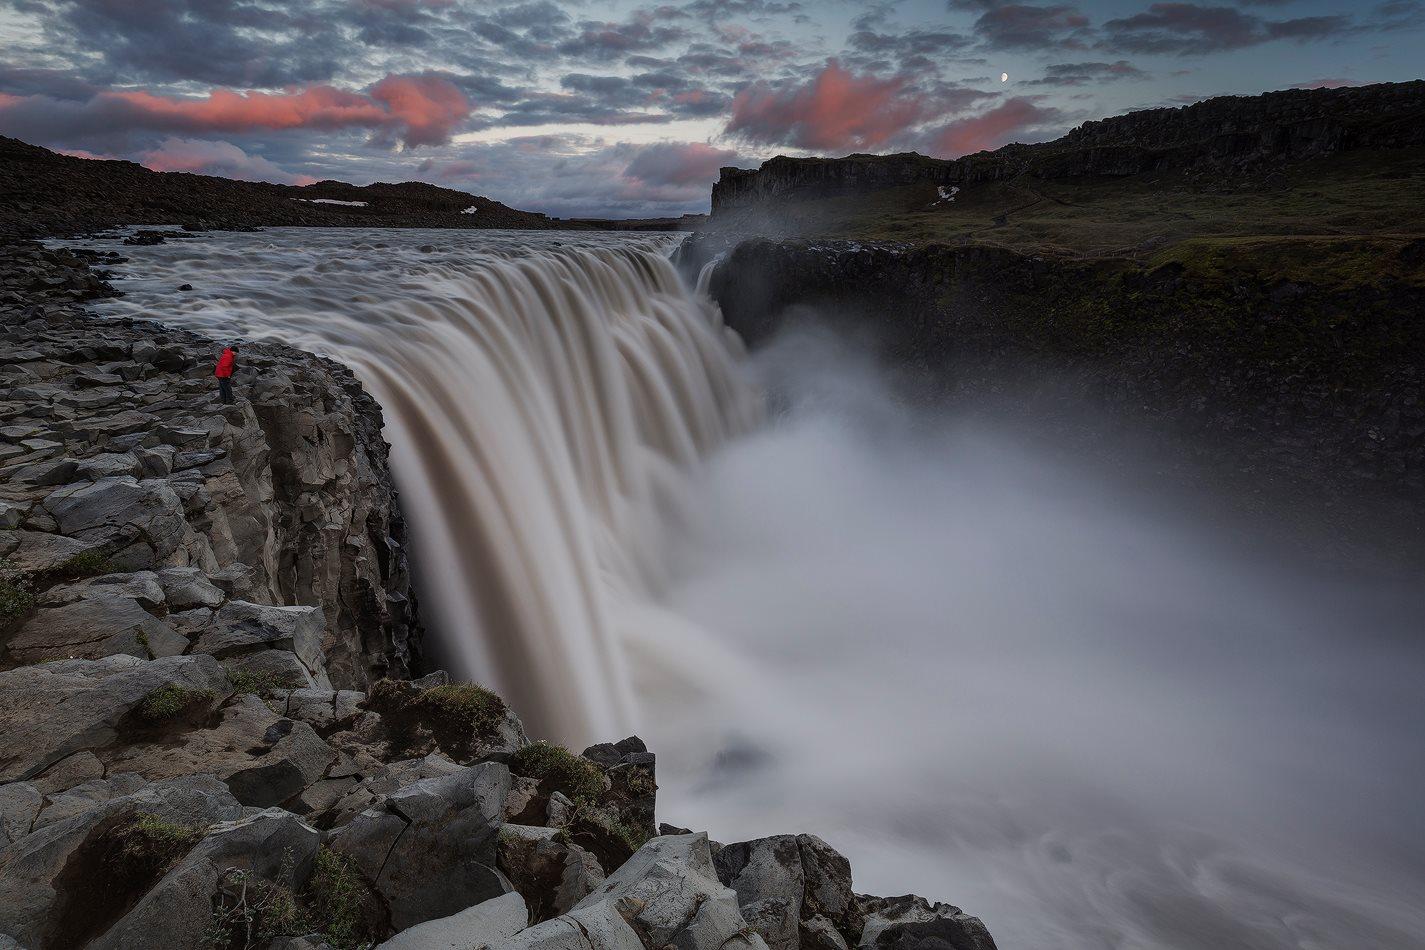 น้ำตกที่มีพลังงานมากที่สุดในทวีปยุโรปที่ชื่อว่า น้ำตกเดตติฟอส ที่สายน้ำตกลงไปยังหุบเขาโจกุลซาจูฟูลล์ทำให้เกิดเสียงคำรามที่น่าขนลุก